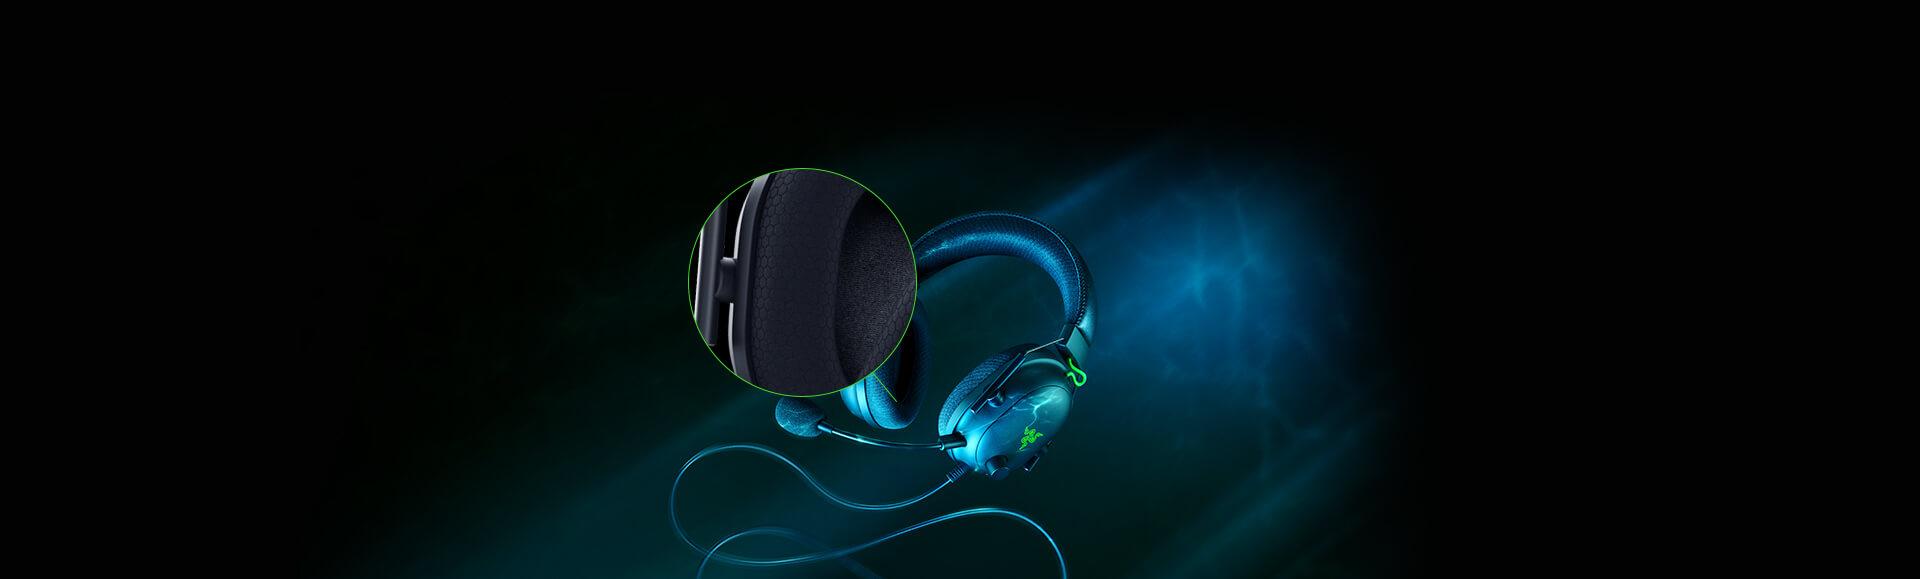 Tai nghe Razer BlackShark V2 - Wired Gaming Headset + USB Sound Card - RZ04-03230100-R3M1 có lớp đệm tai nghe bọt biển vô cùng mềm mại và thoải mái khi đeo